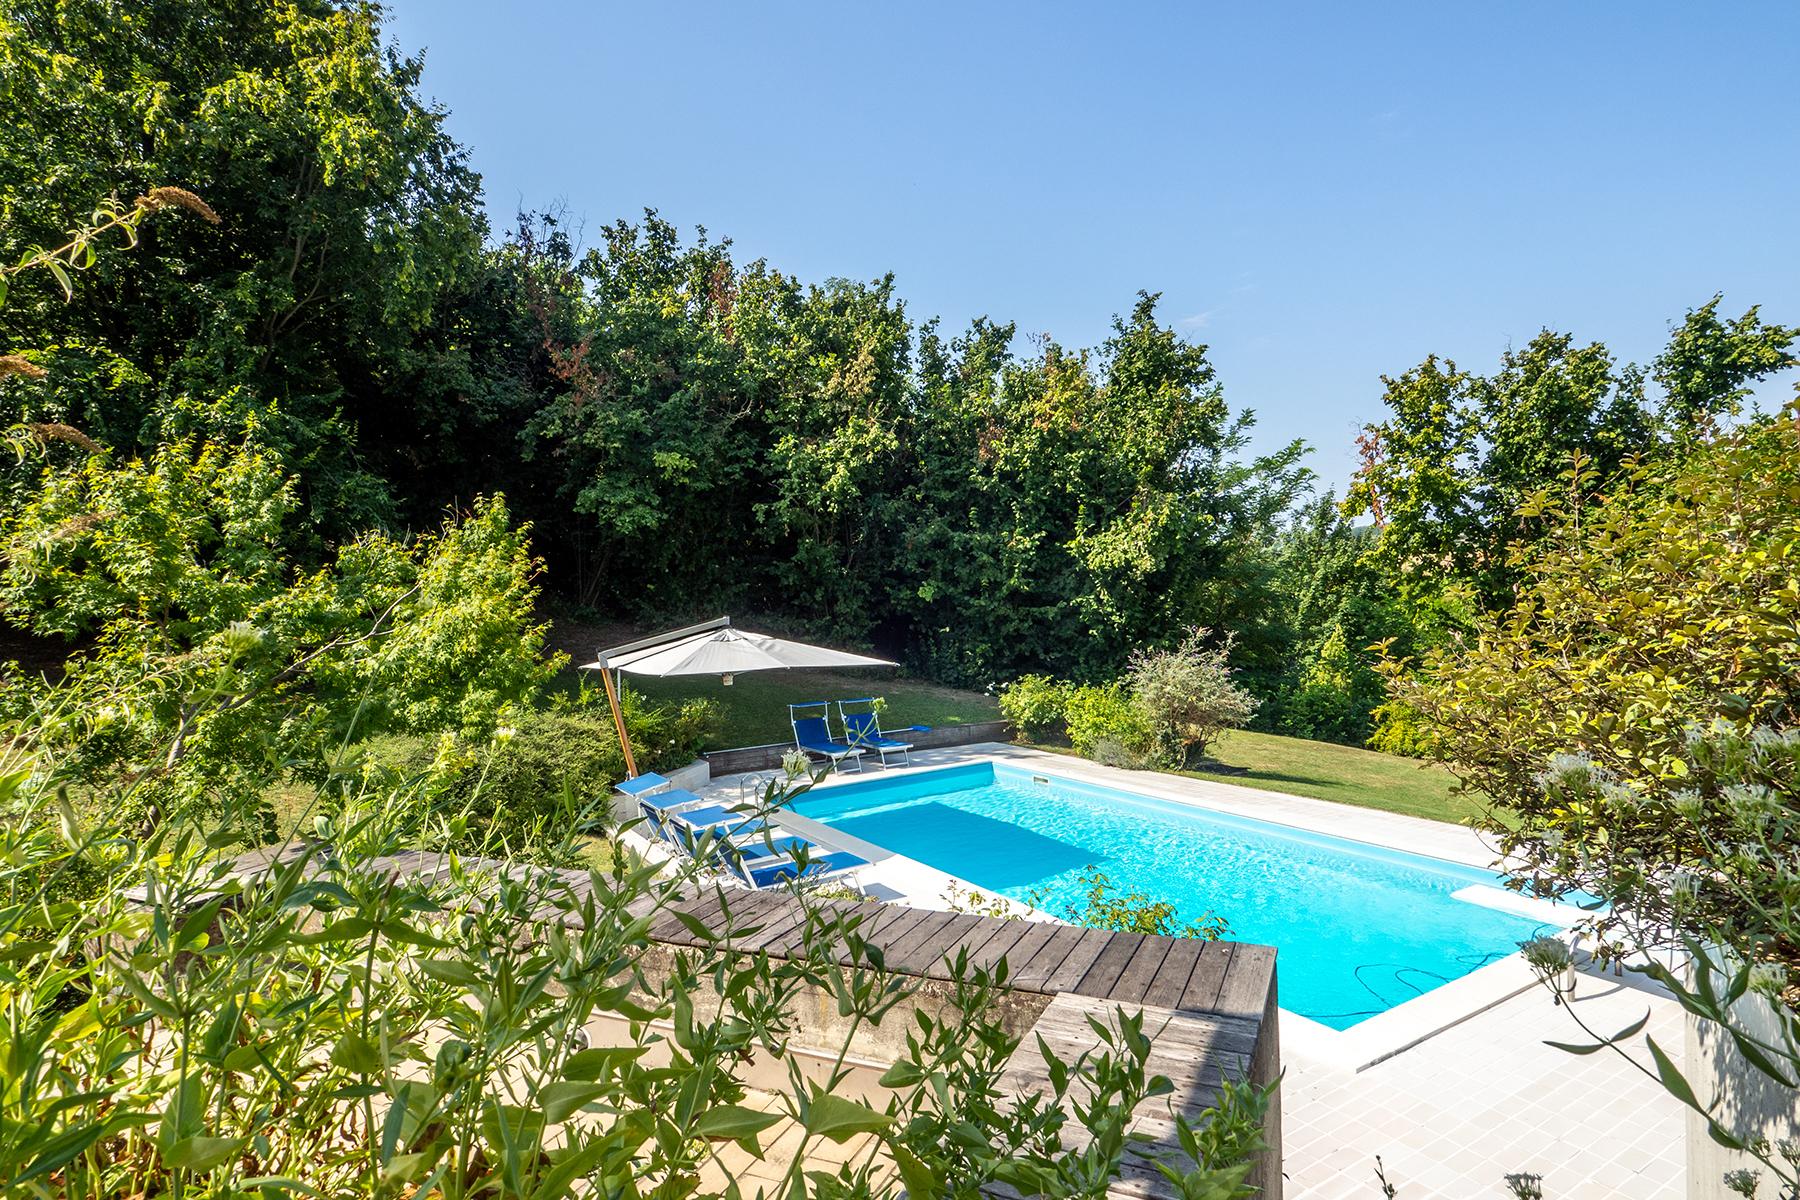 Casa indipendente in Vendita a Rosignano Monferrato: 5 locali, 290 mq - Foto 13